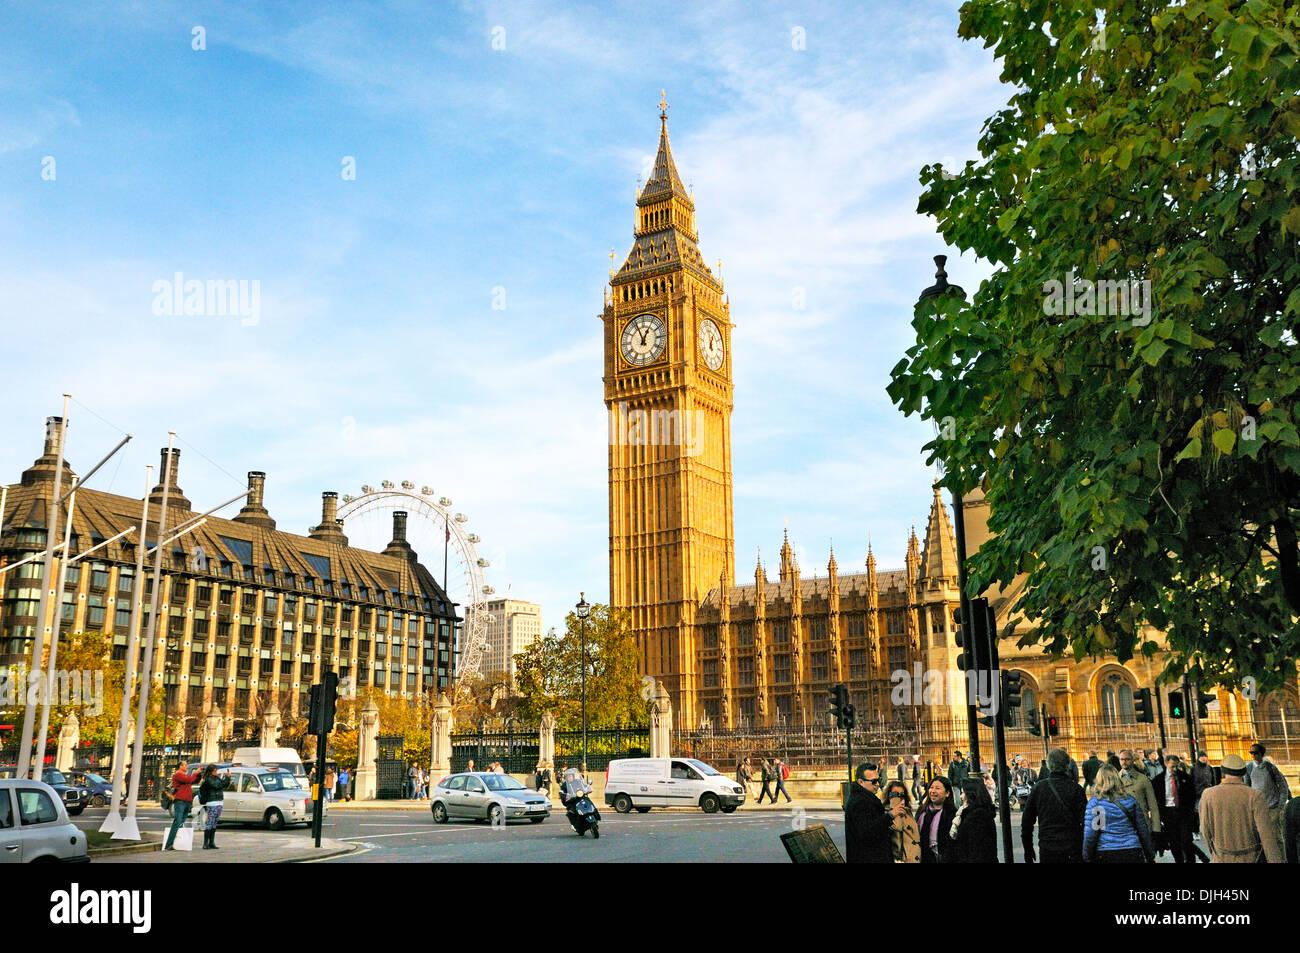 El Big Ben y las Casas del Parlamento, Plaza, Westminster, Londres, Inglaterra, Reino Unido. Foto de stock